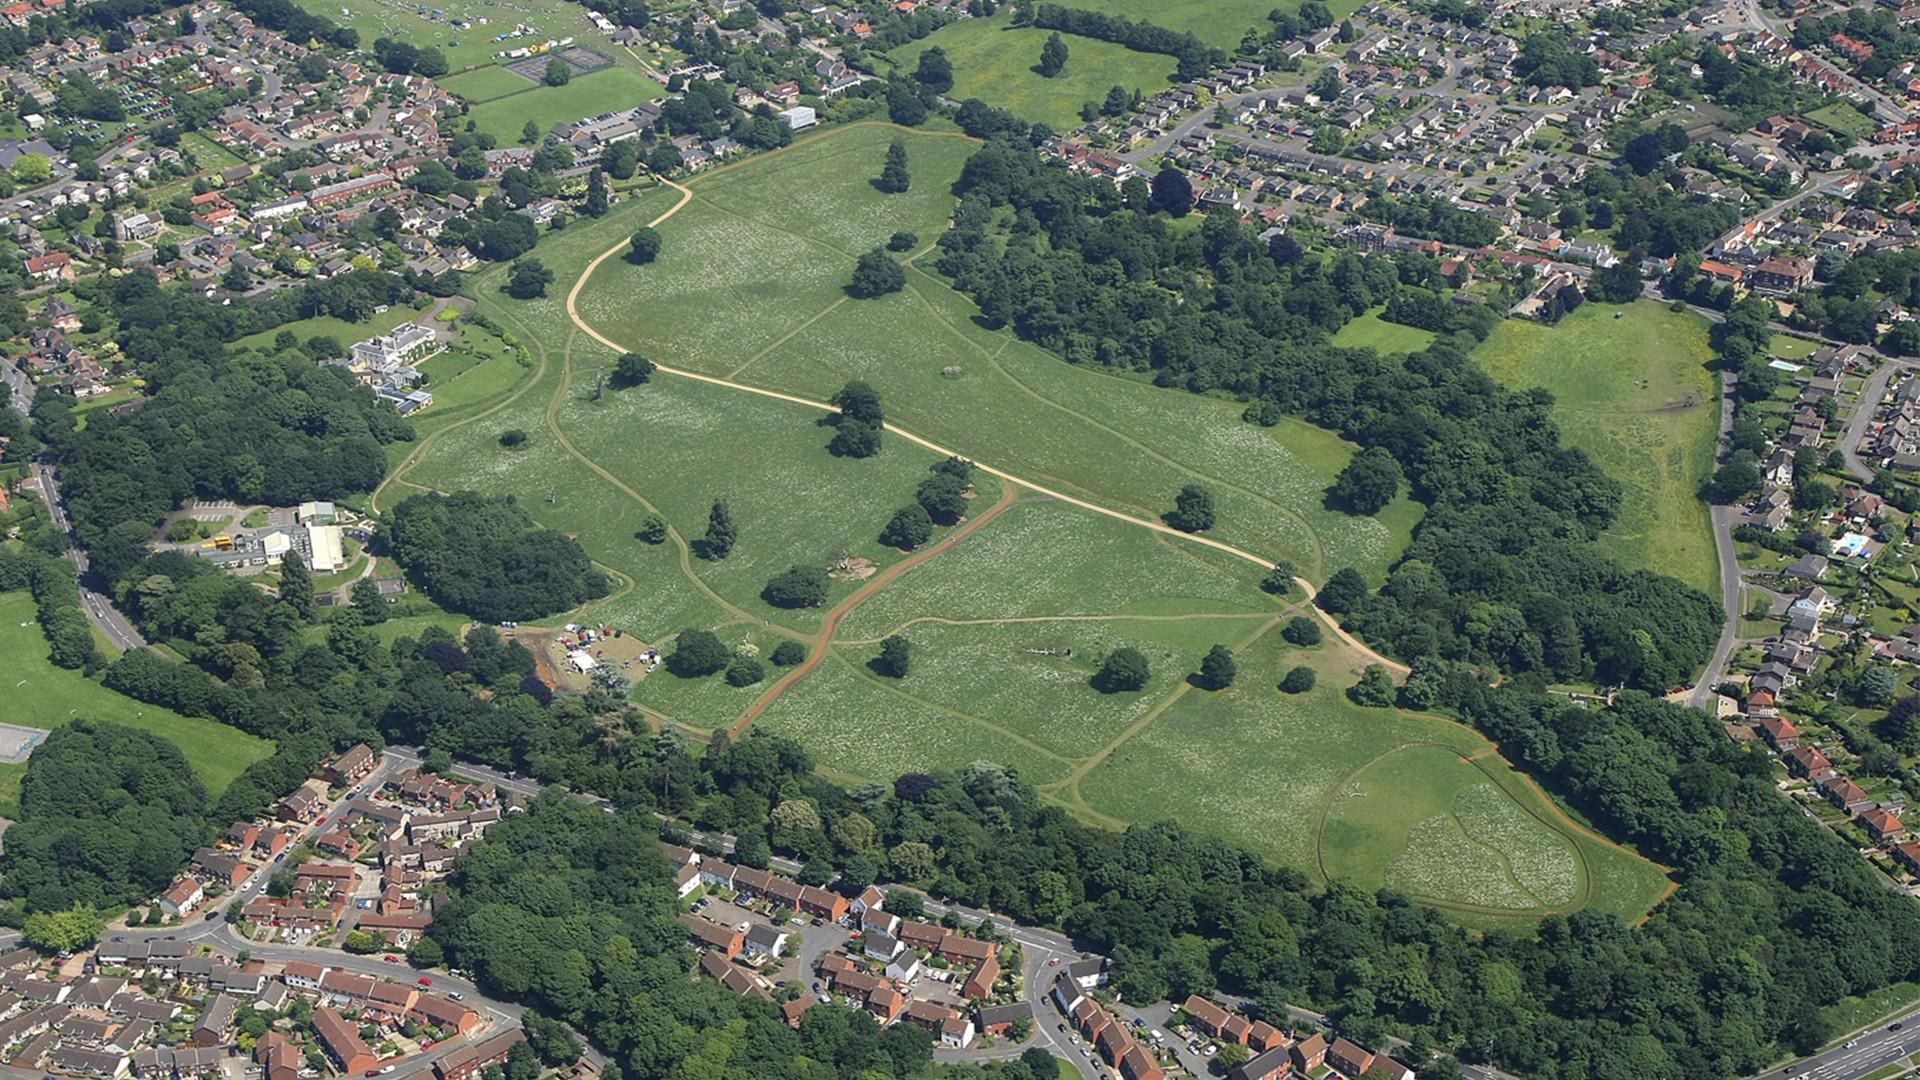 Catton Park aerial.jpg